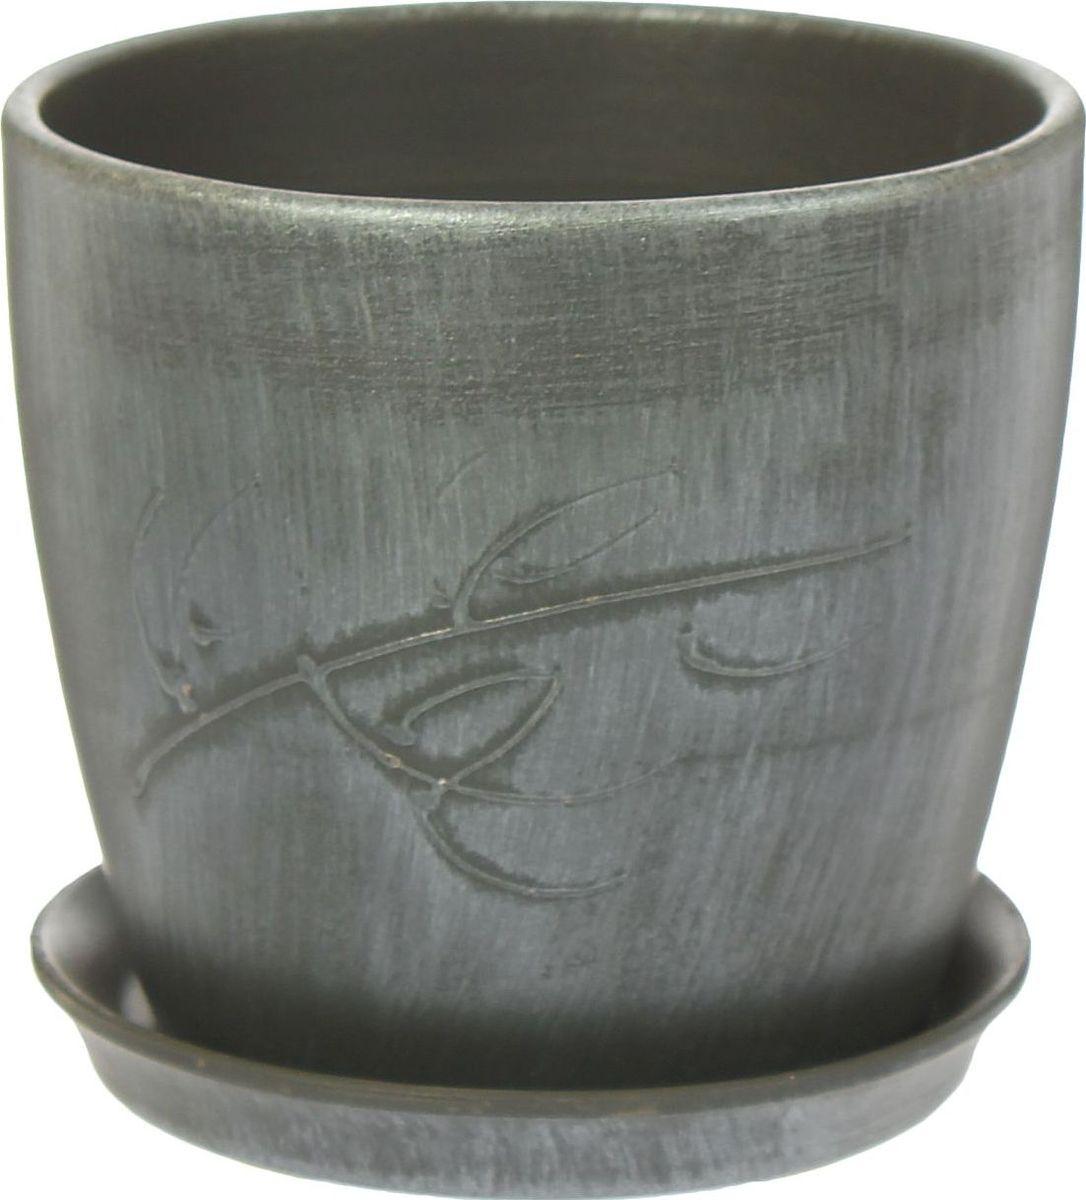 Кашпо Керамика ручной работы Осень. Патина, цвет: серебристый, 2 л1441040Декоративное кашпо, выполненное из высококачественной керамики, предназначено для посадки декоративных растений и станет прекрасным украшением для дома. Пористый материал позволяет испаряться лишней влаге, а воздух, необходимый для дыхания корней, проникает сквозь керамические стенки. Такое кашпо украсит окружающее пространство и подчеркнет его оригинальный стиль.